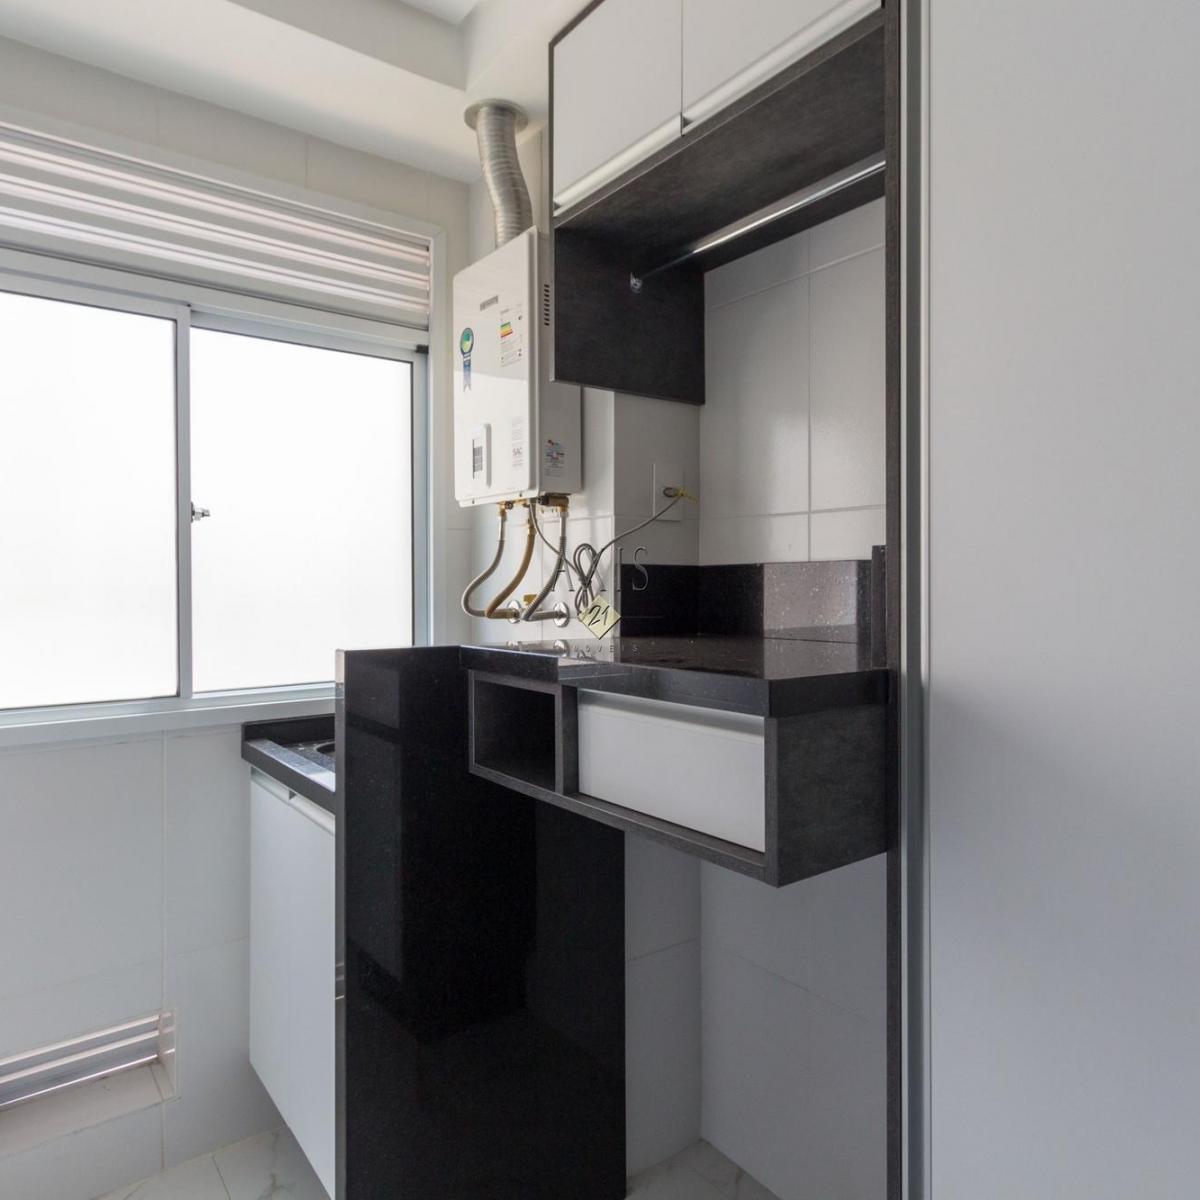 Imagens de #58514A Apartamento à venda com 2 Quartos Boa Vista Curitiba R$ 450.000  1200x1200 px 3060 Box Banheiro Boa Vista Curitiba